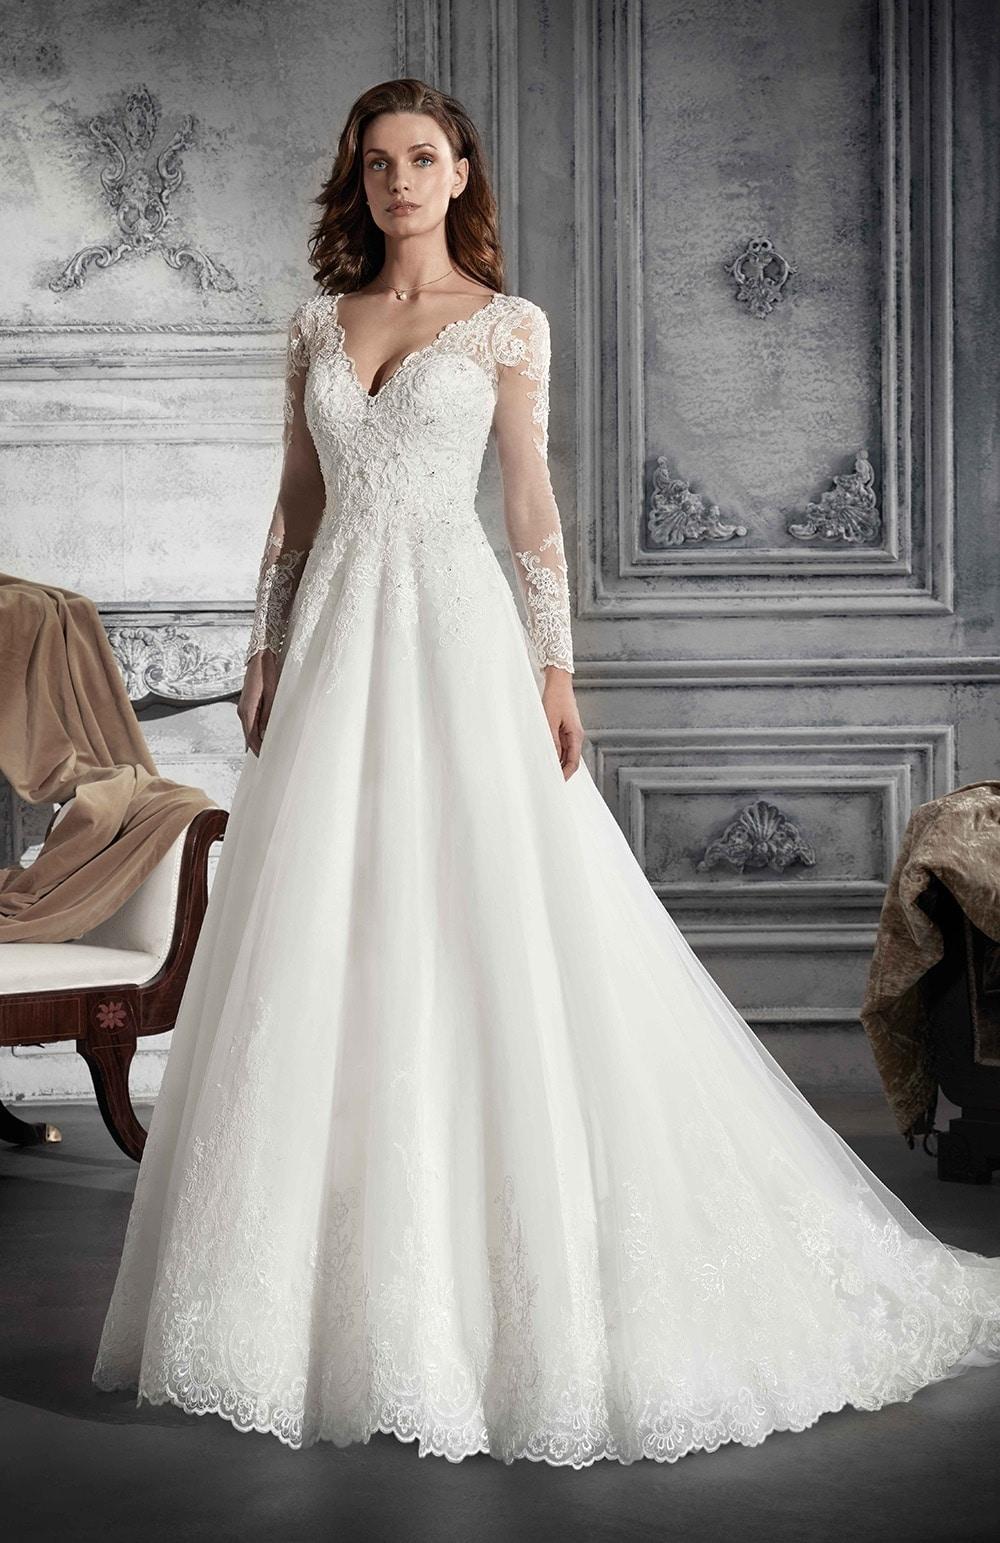 Robe de mariée Modèle Elisa – 737